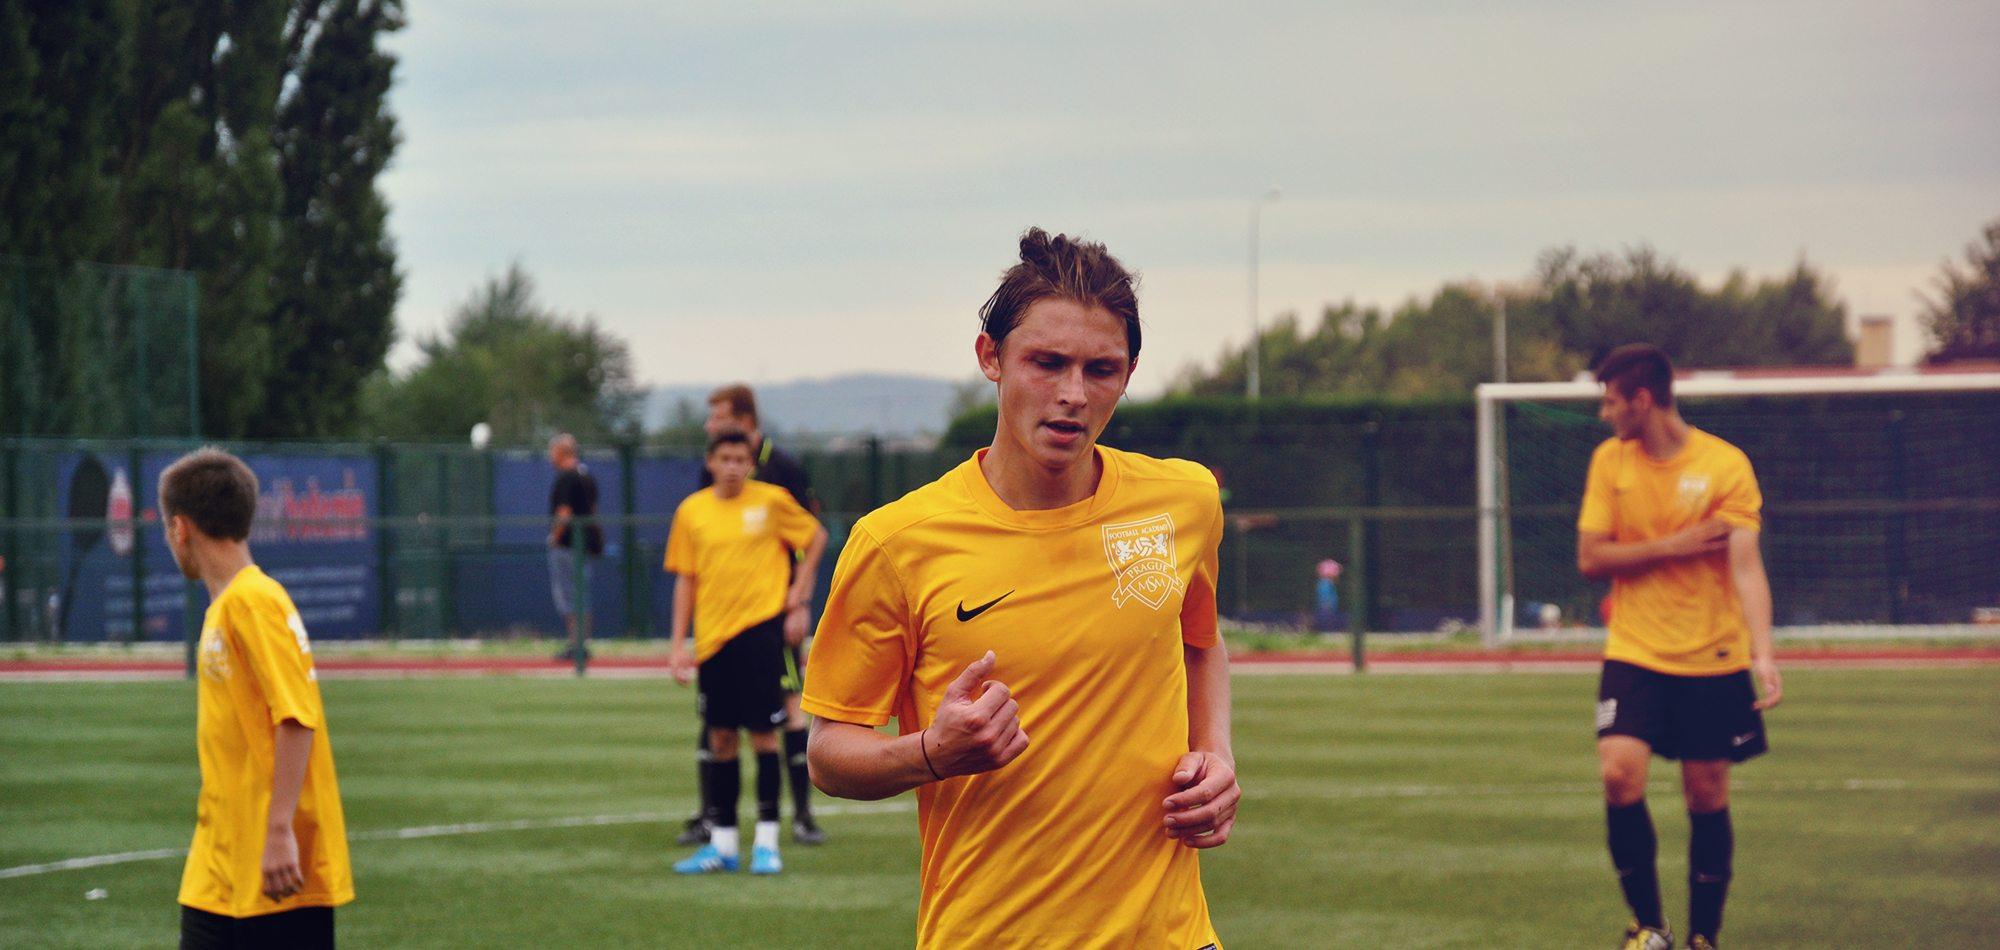 Футболист бежит в сторону камеры